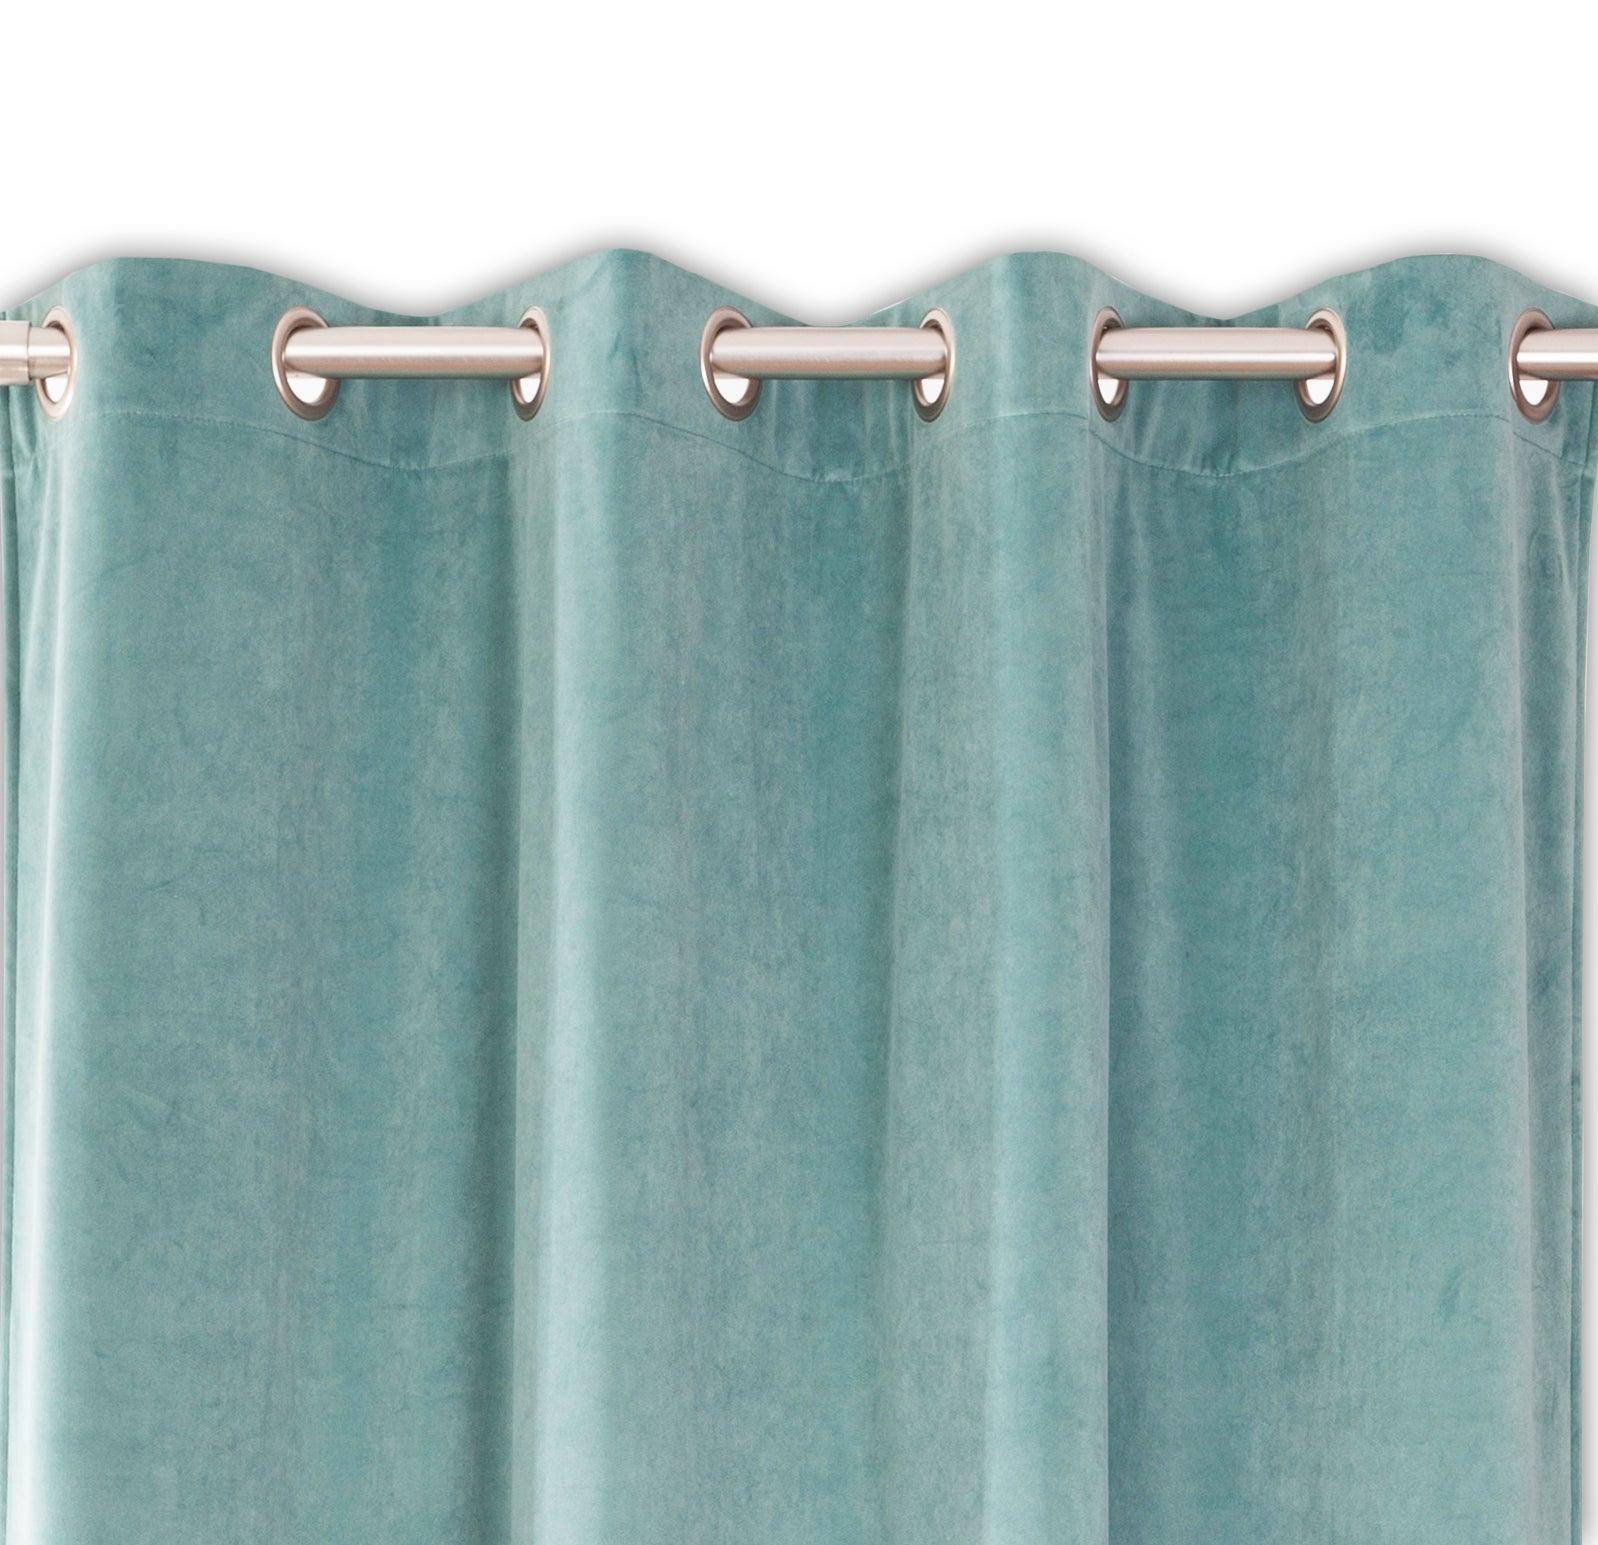 rideau tamisant velours velours bleu celadon l 140 x h 260 cm